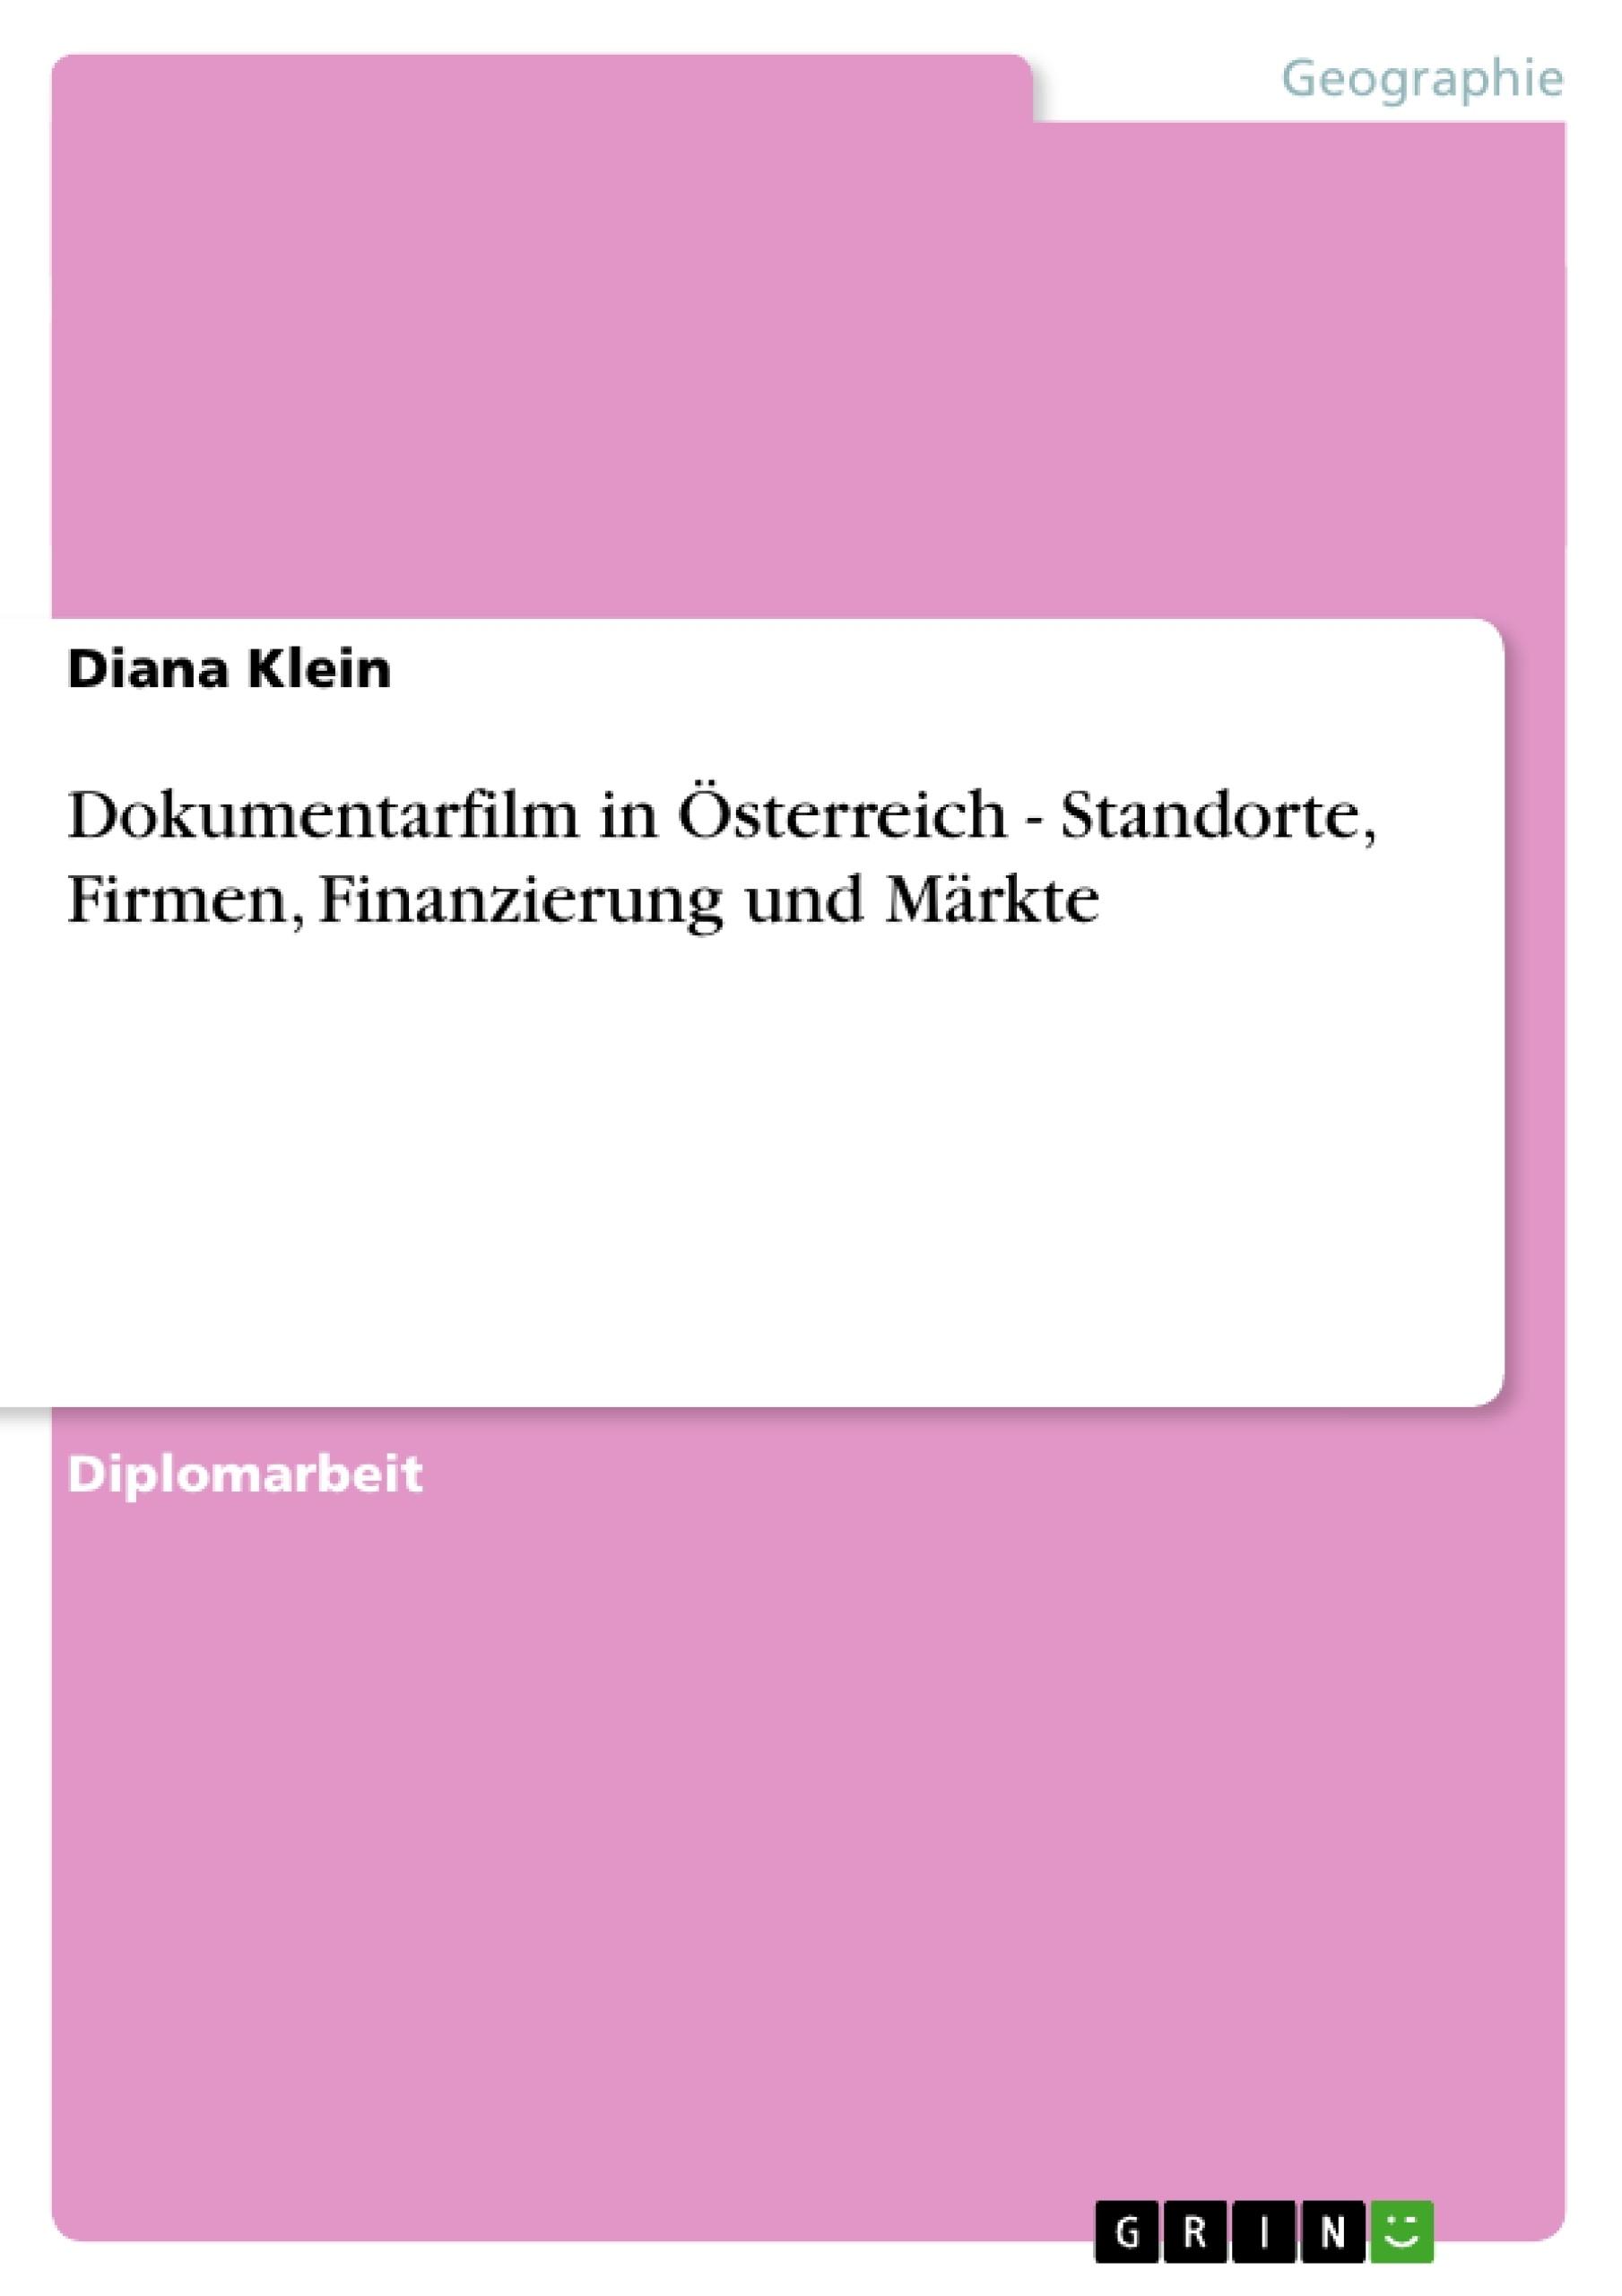 Titel: Dokumentarfilm in Österreich - Standorte, Firmen, Finanzierung und Märkte